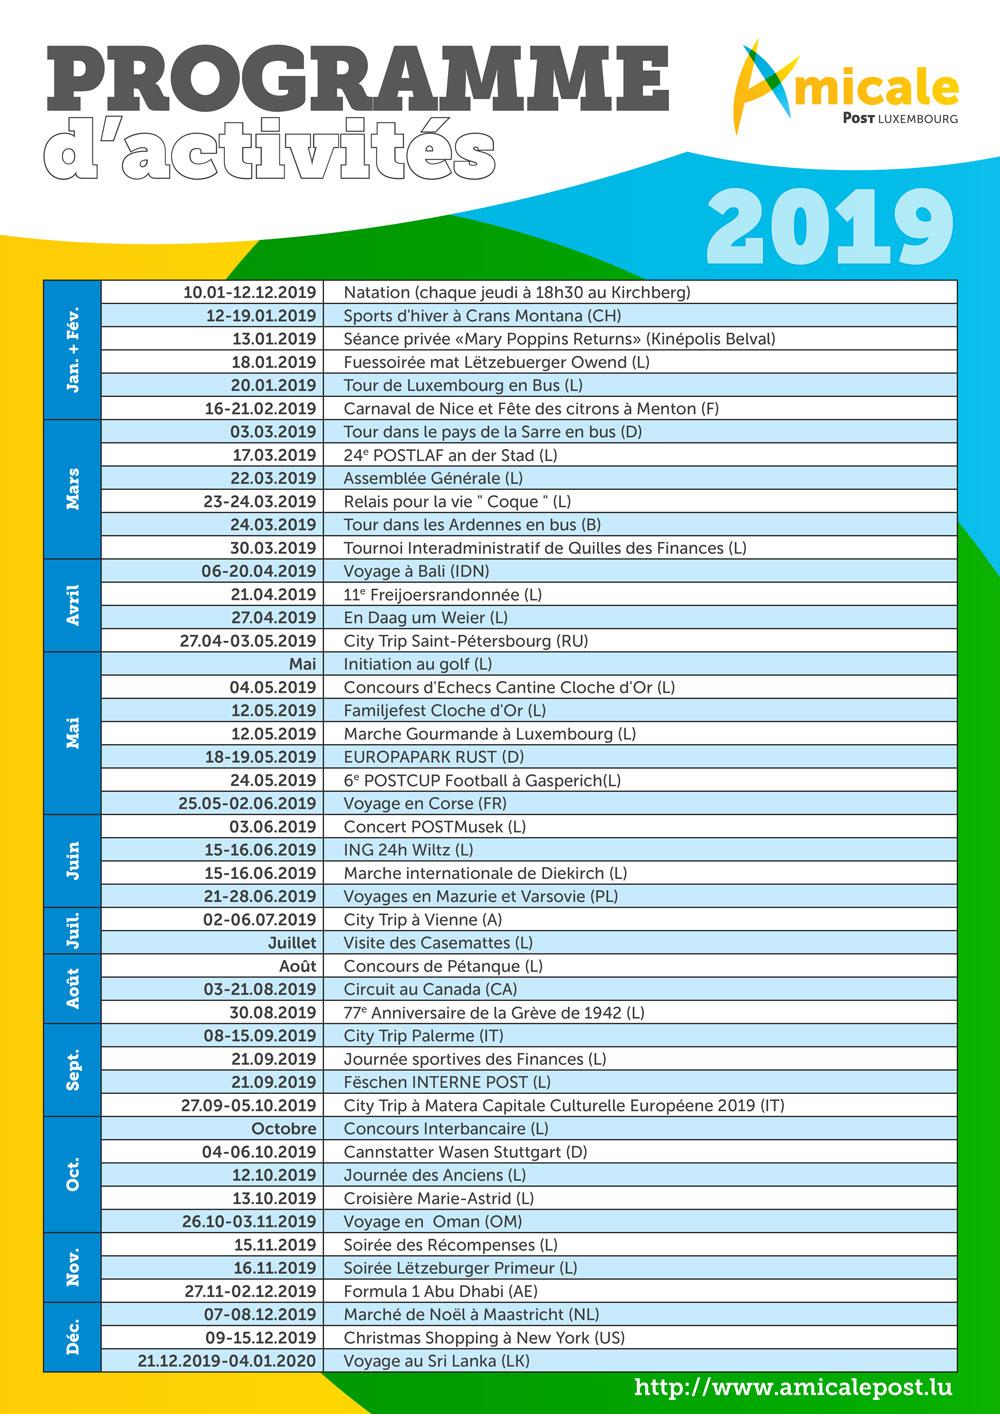 Programme-des-activites-2019